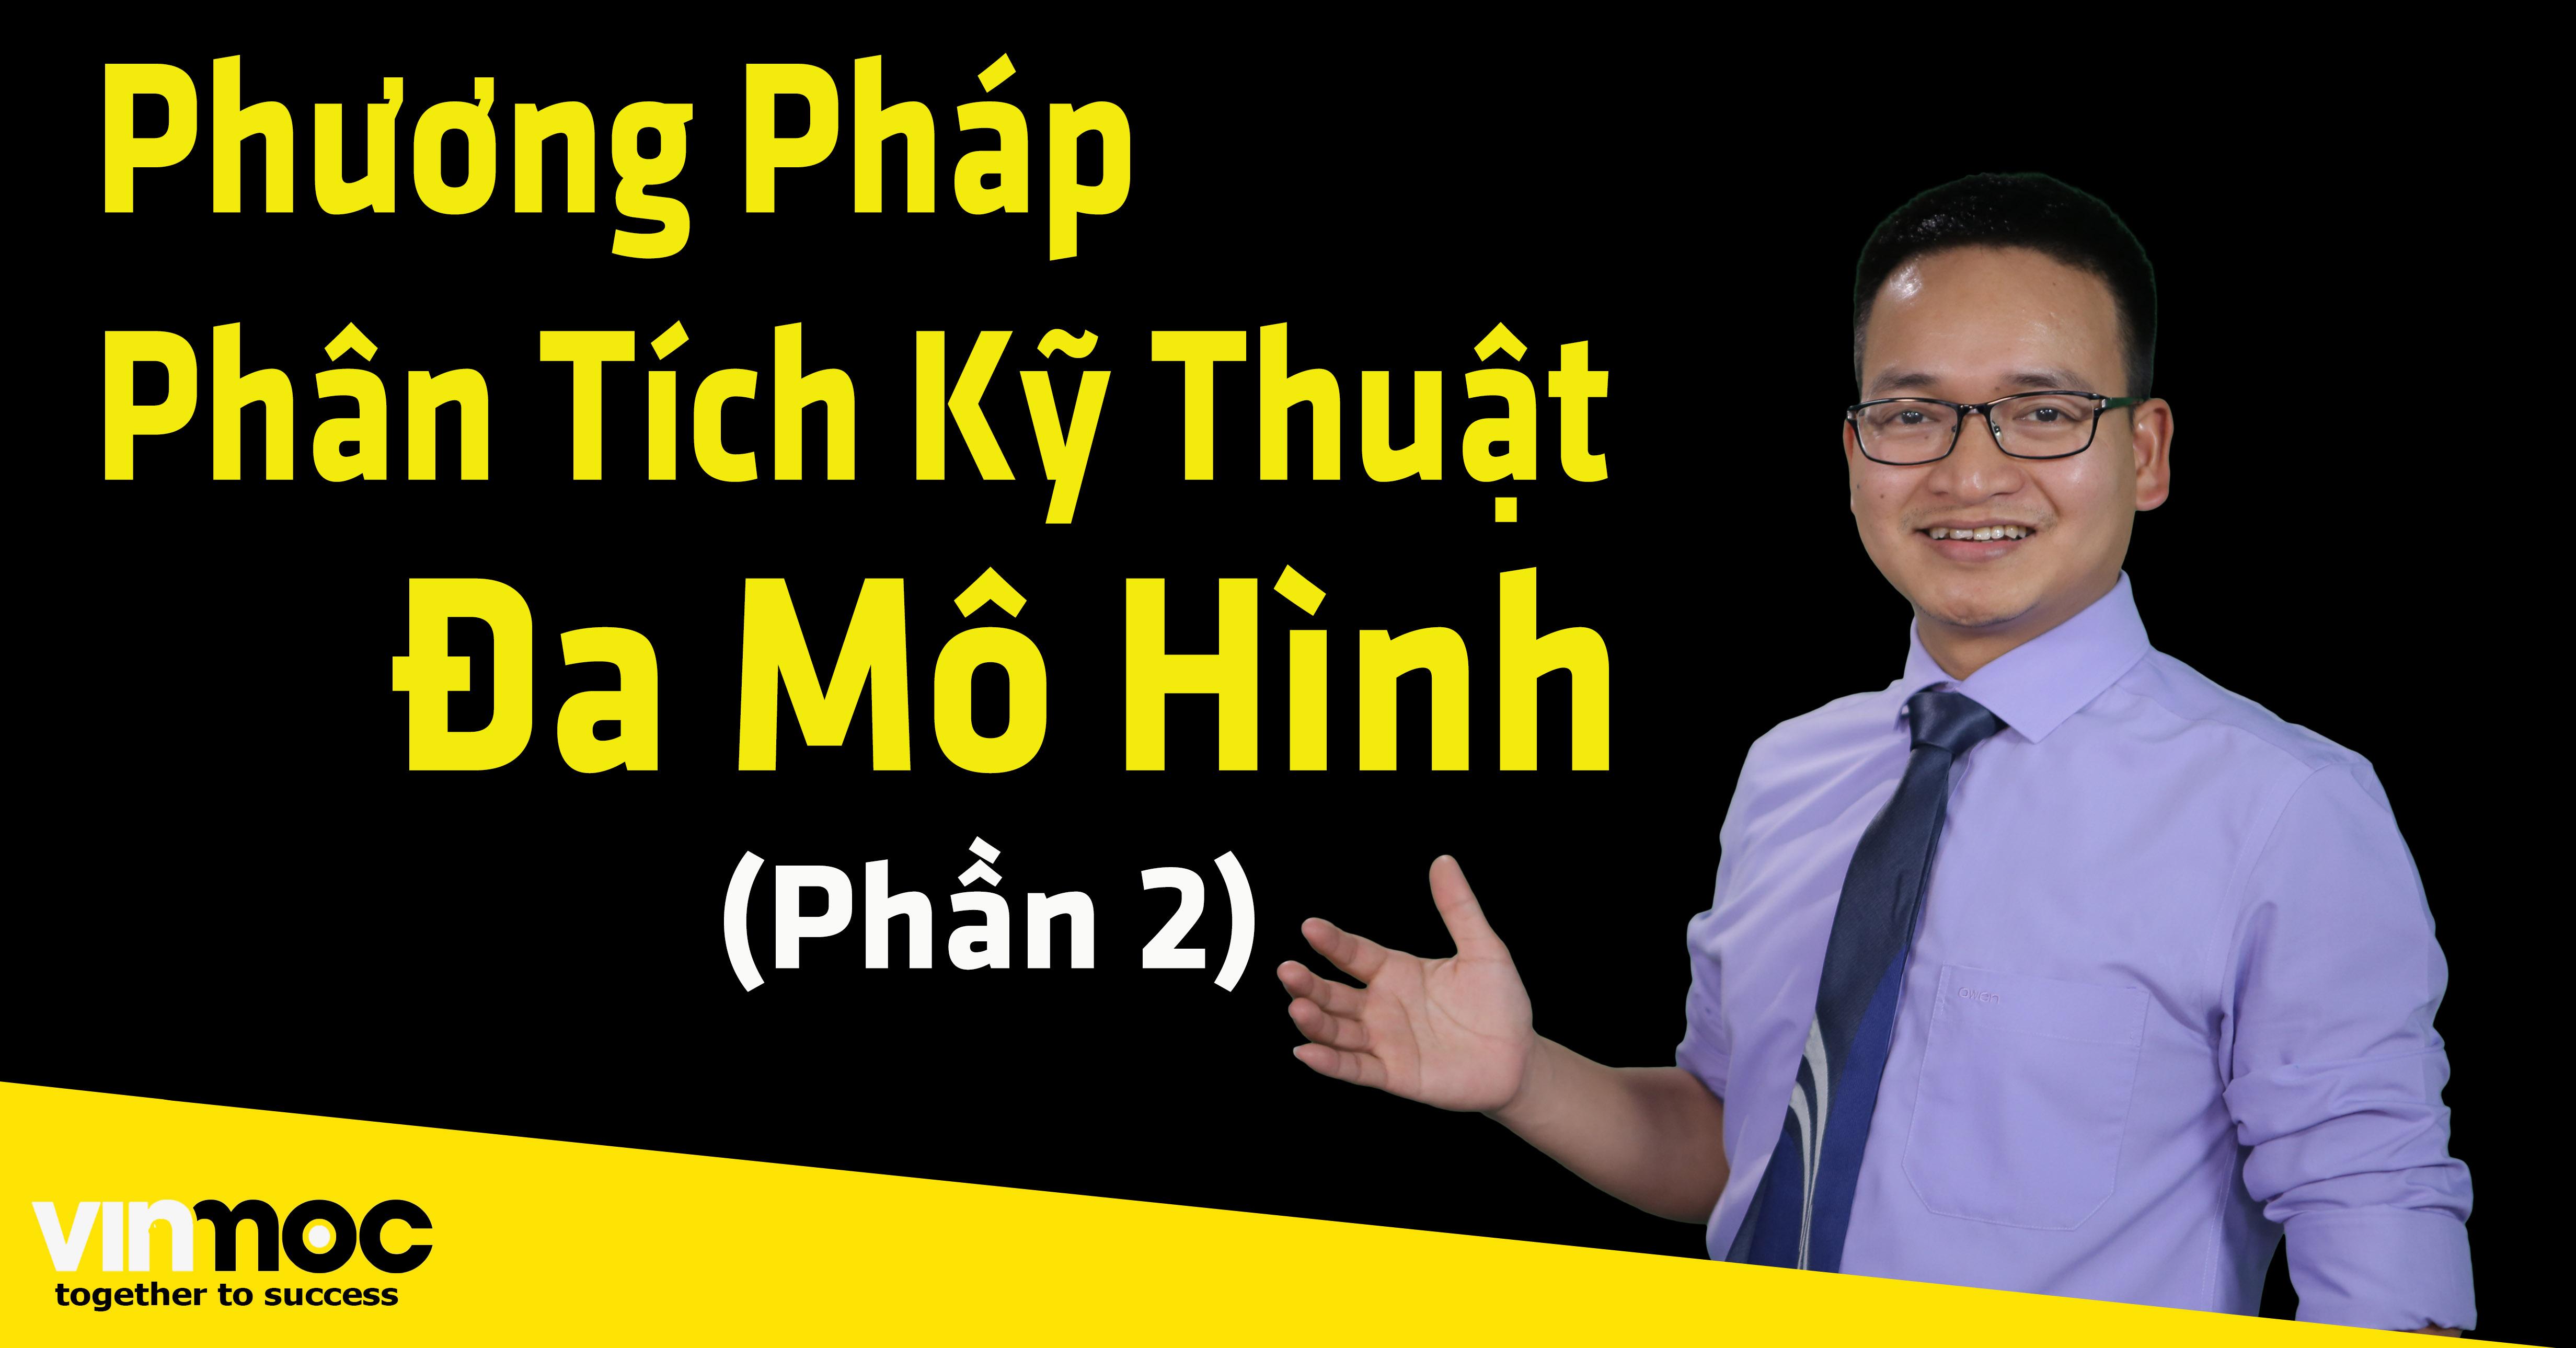 Phương pháp Phân tích Đa mô hình – Phạm Thành Biên (Phần 2)